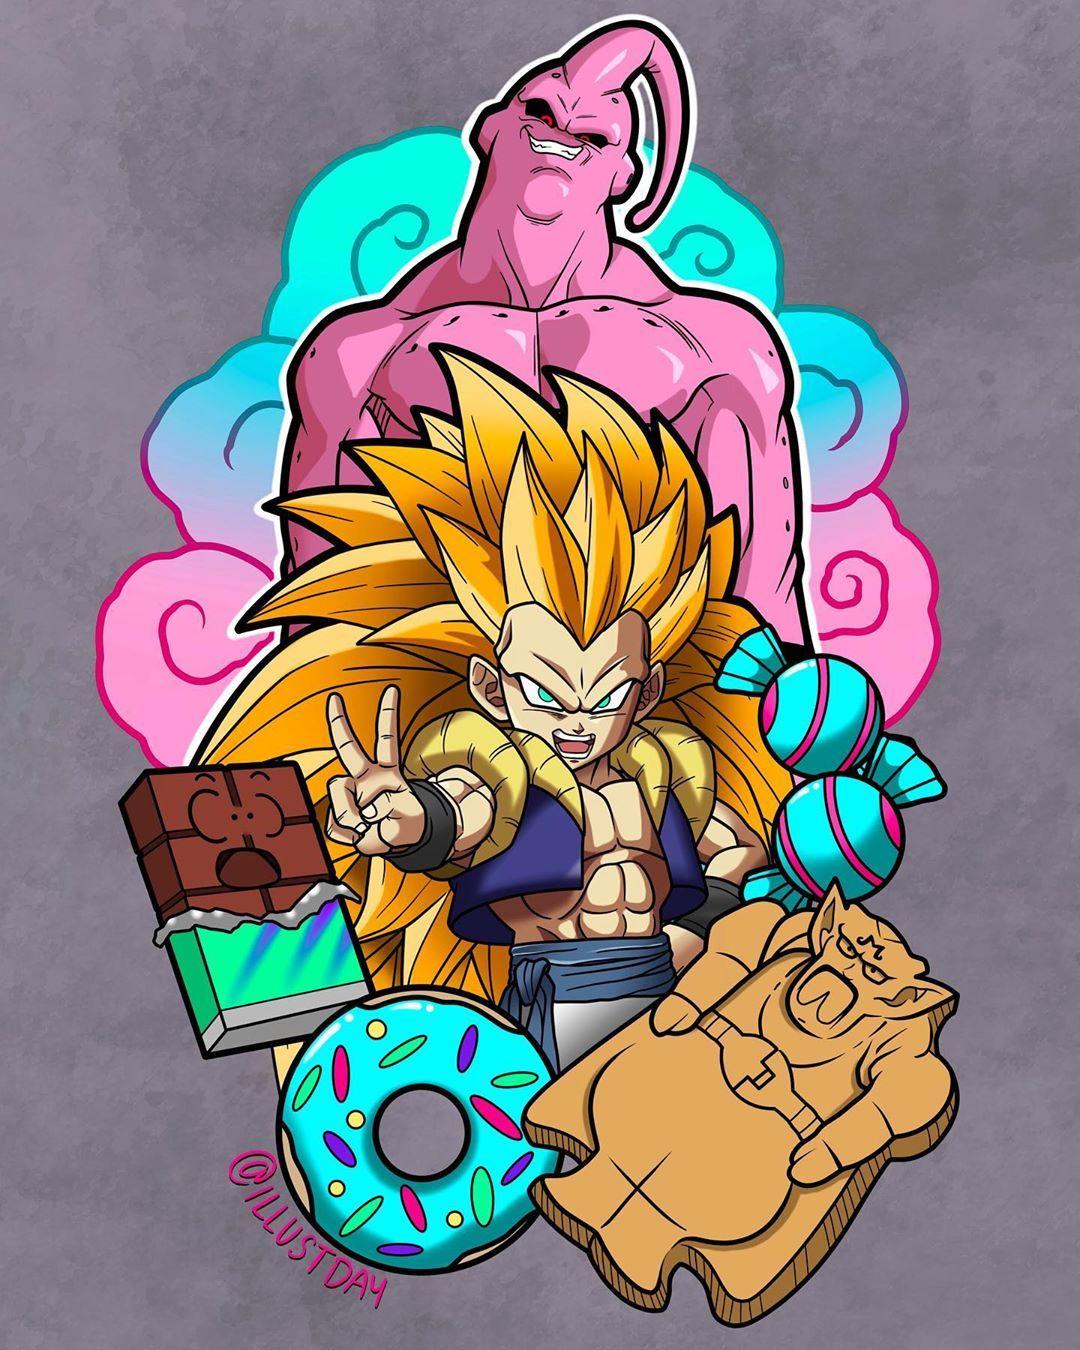 Gotenks Majin Buu Dragon Ball Z Dragon Ball Wallpapers Dragon Ball Artwork Dragon Ball Art